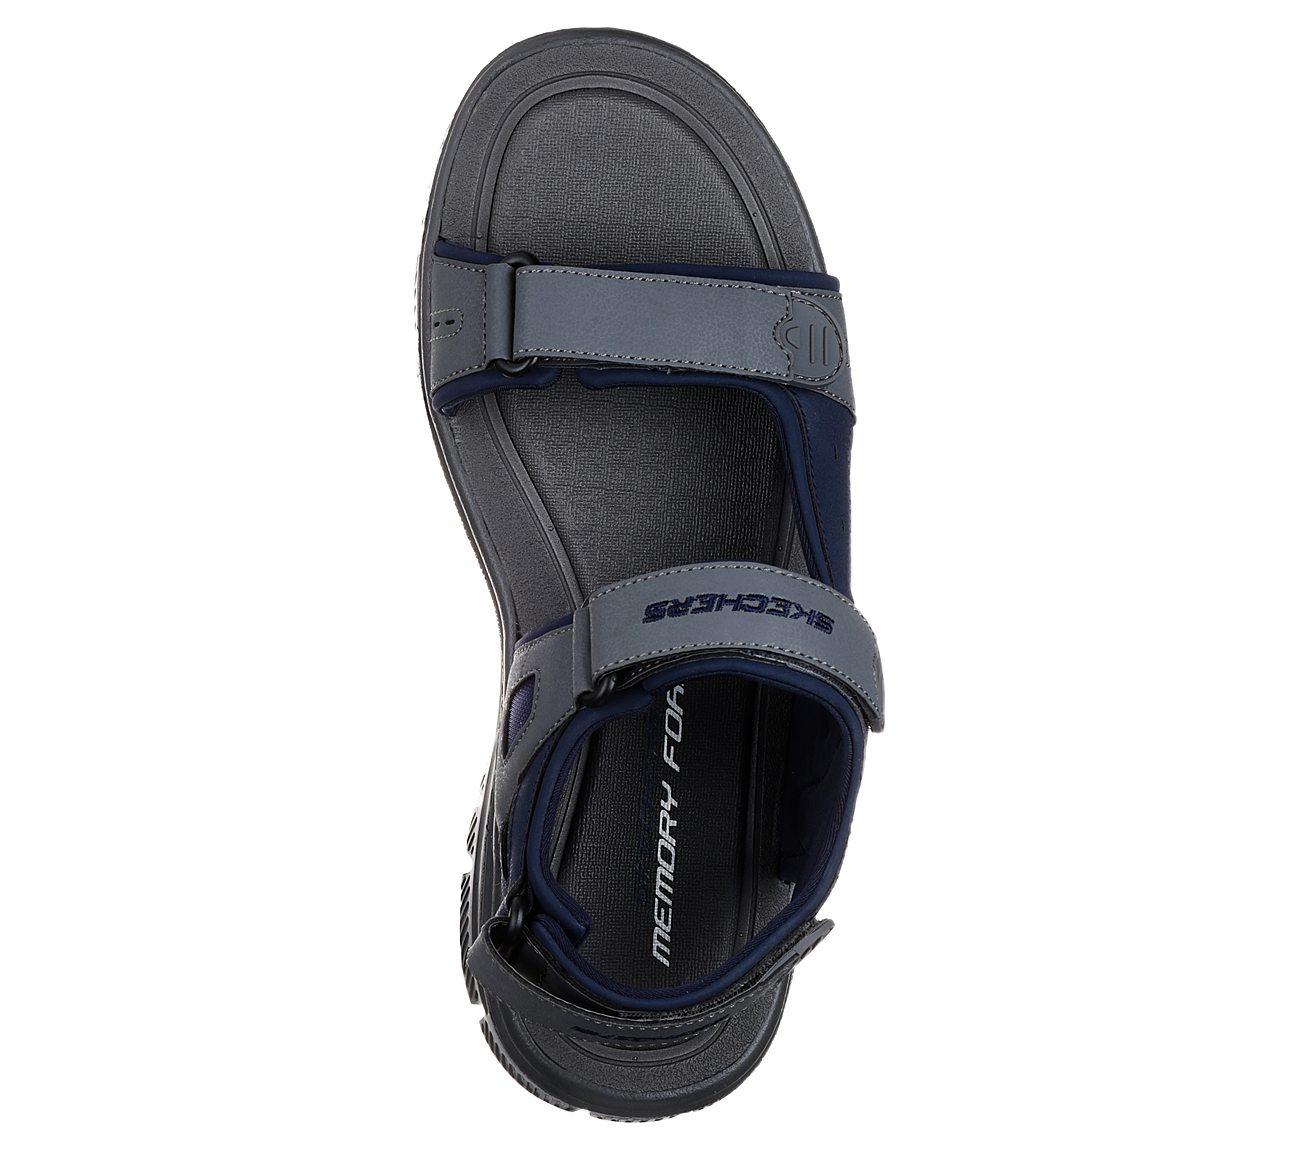 f33ea8d6bd0f Buy SKECHERS Flex Advantage S - Upwell SKECHERS Sport Shoes only £39.00